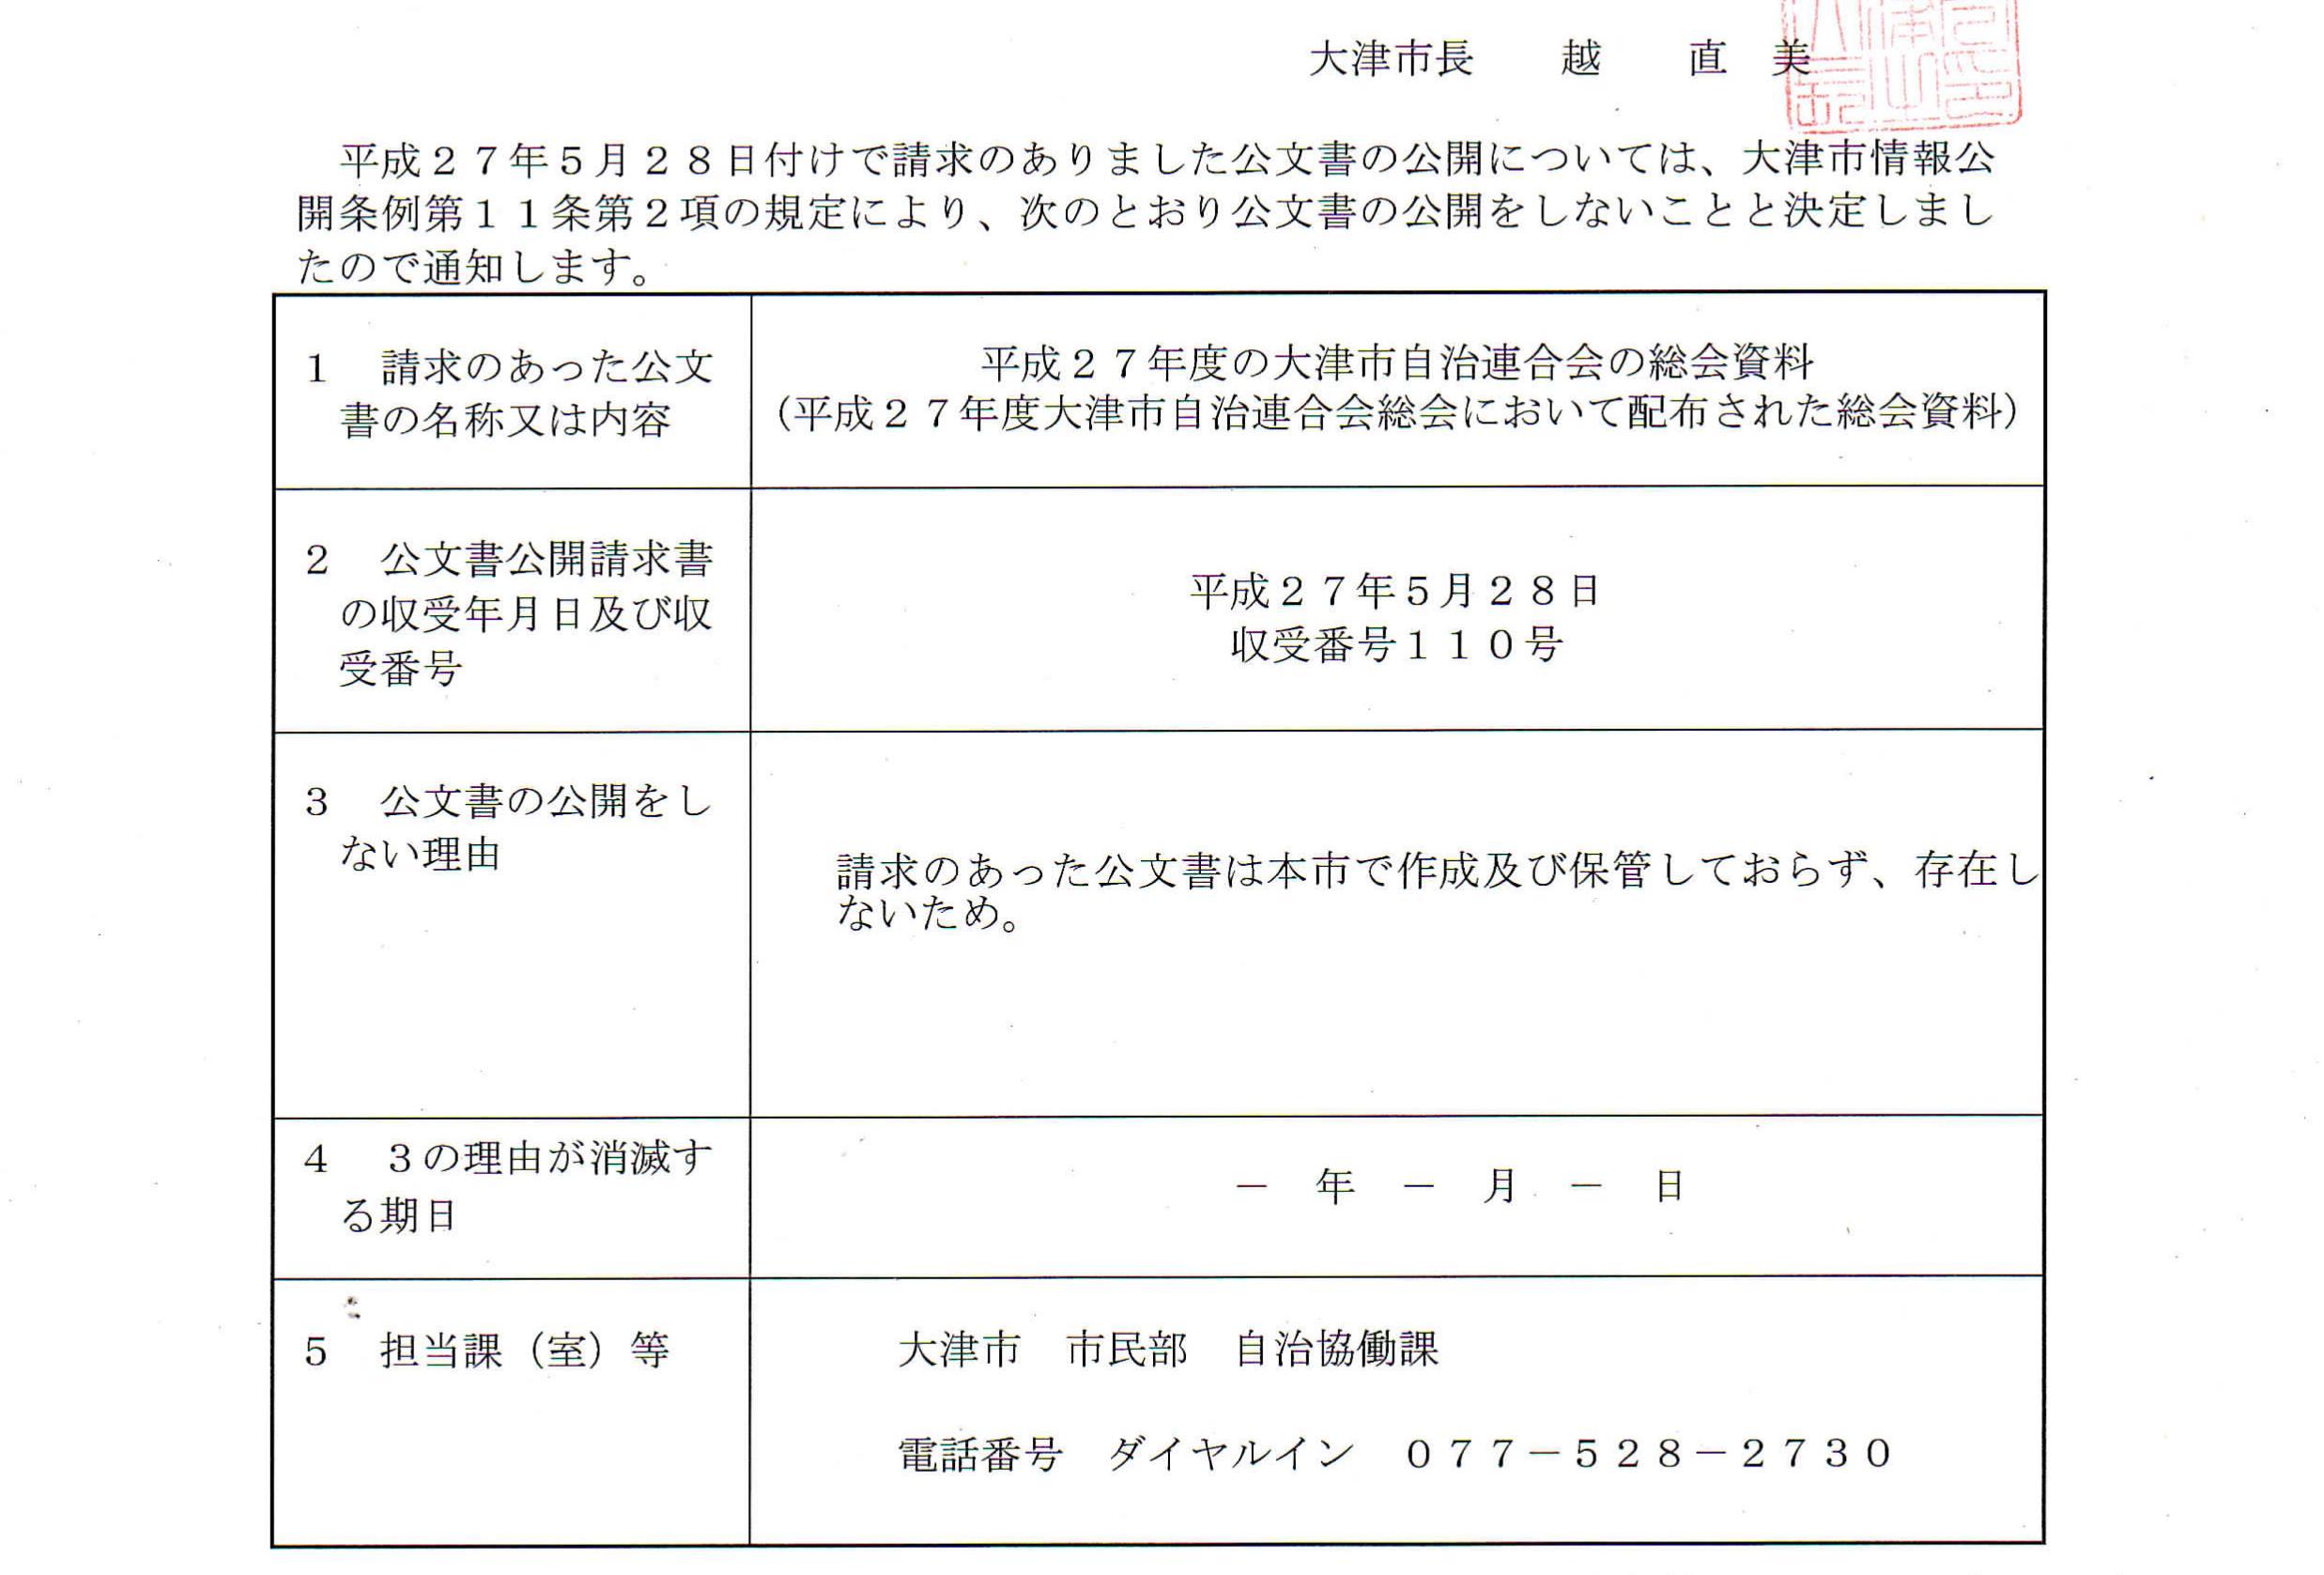 平成27年自治連総会資料